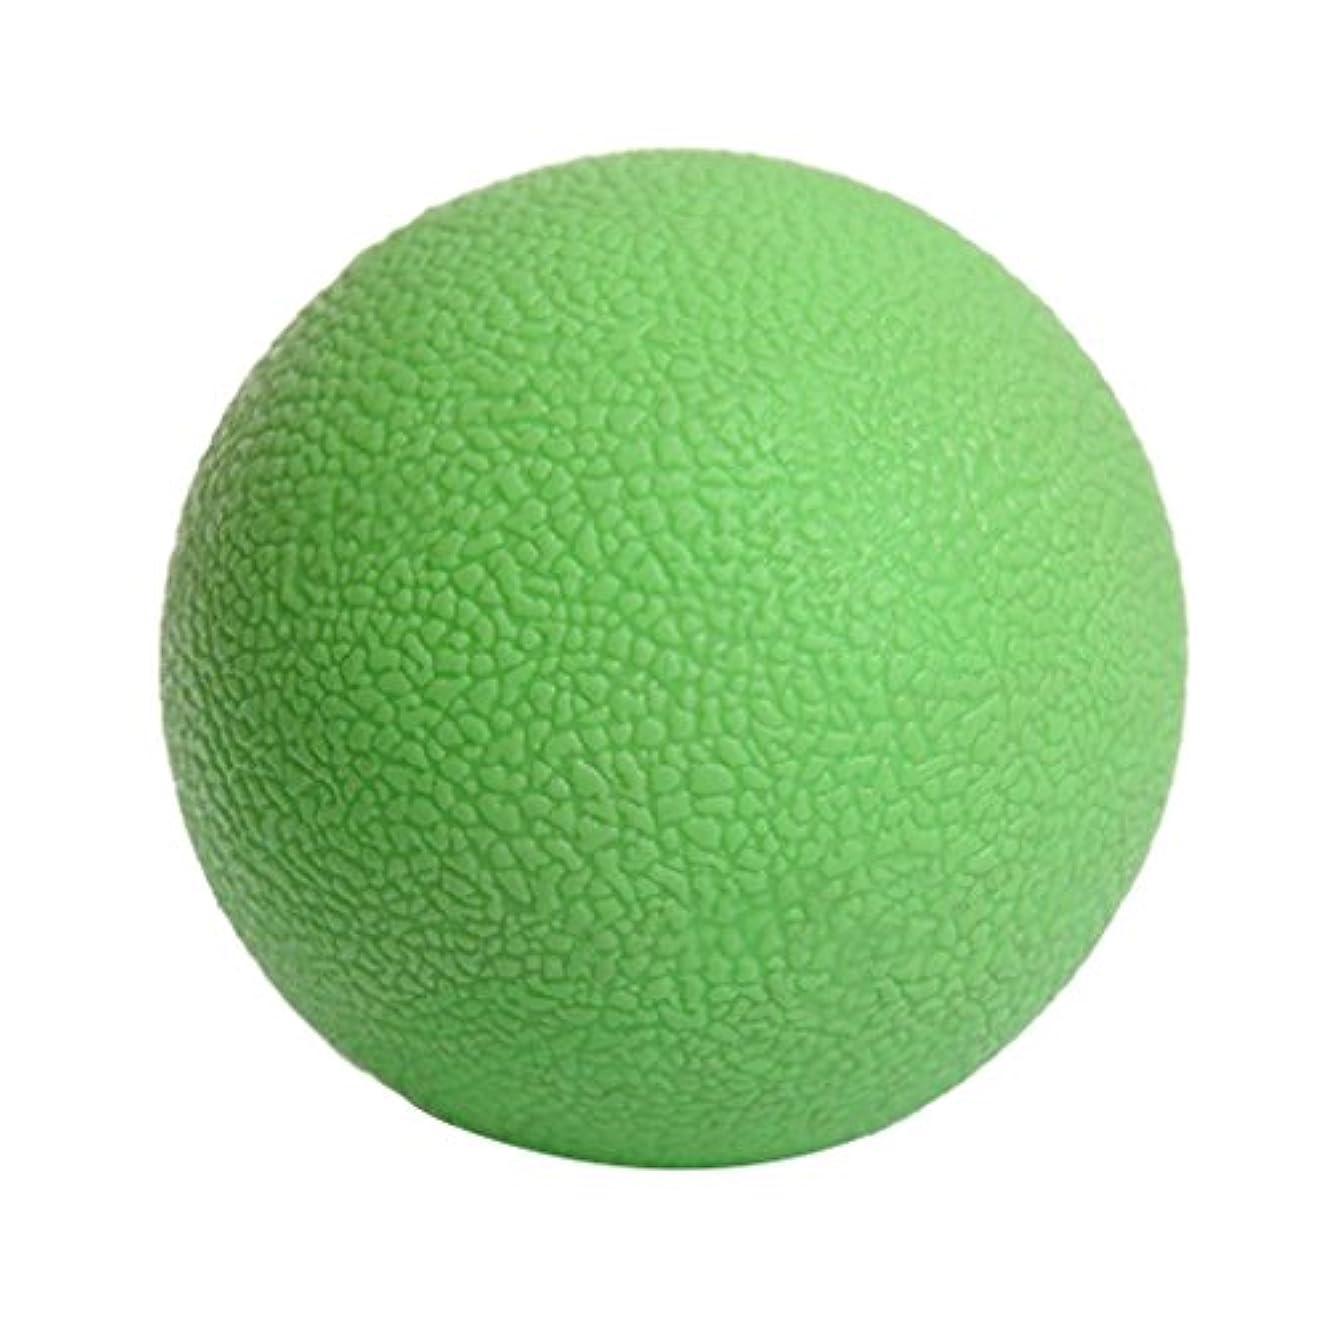 後継グリーンランドミリメーターKesoto マッサージボール ジムフィットネス 筋肉マッサージ ボール トリガーポイント 4色選べる - 緑